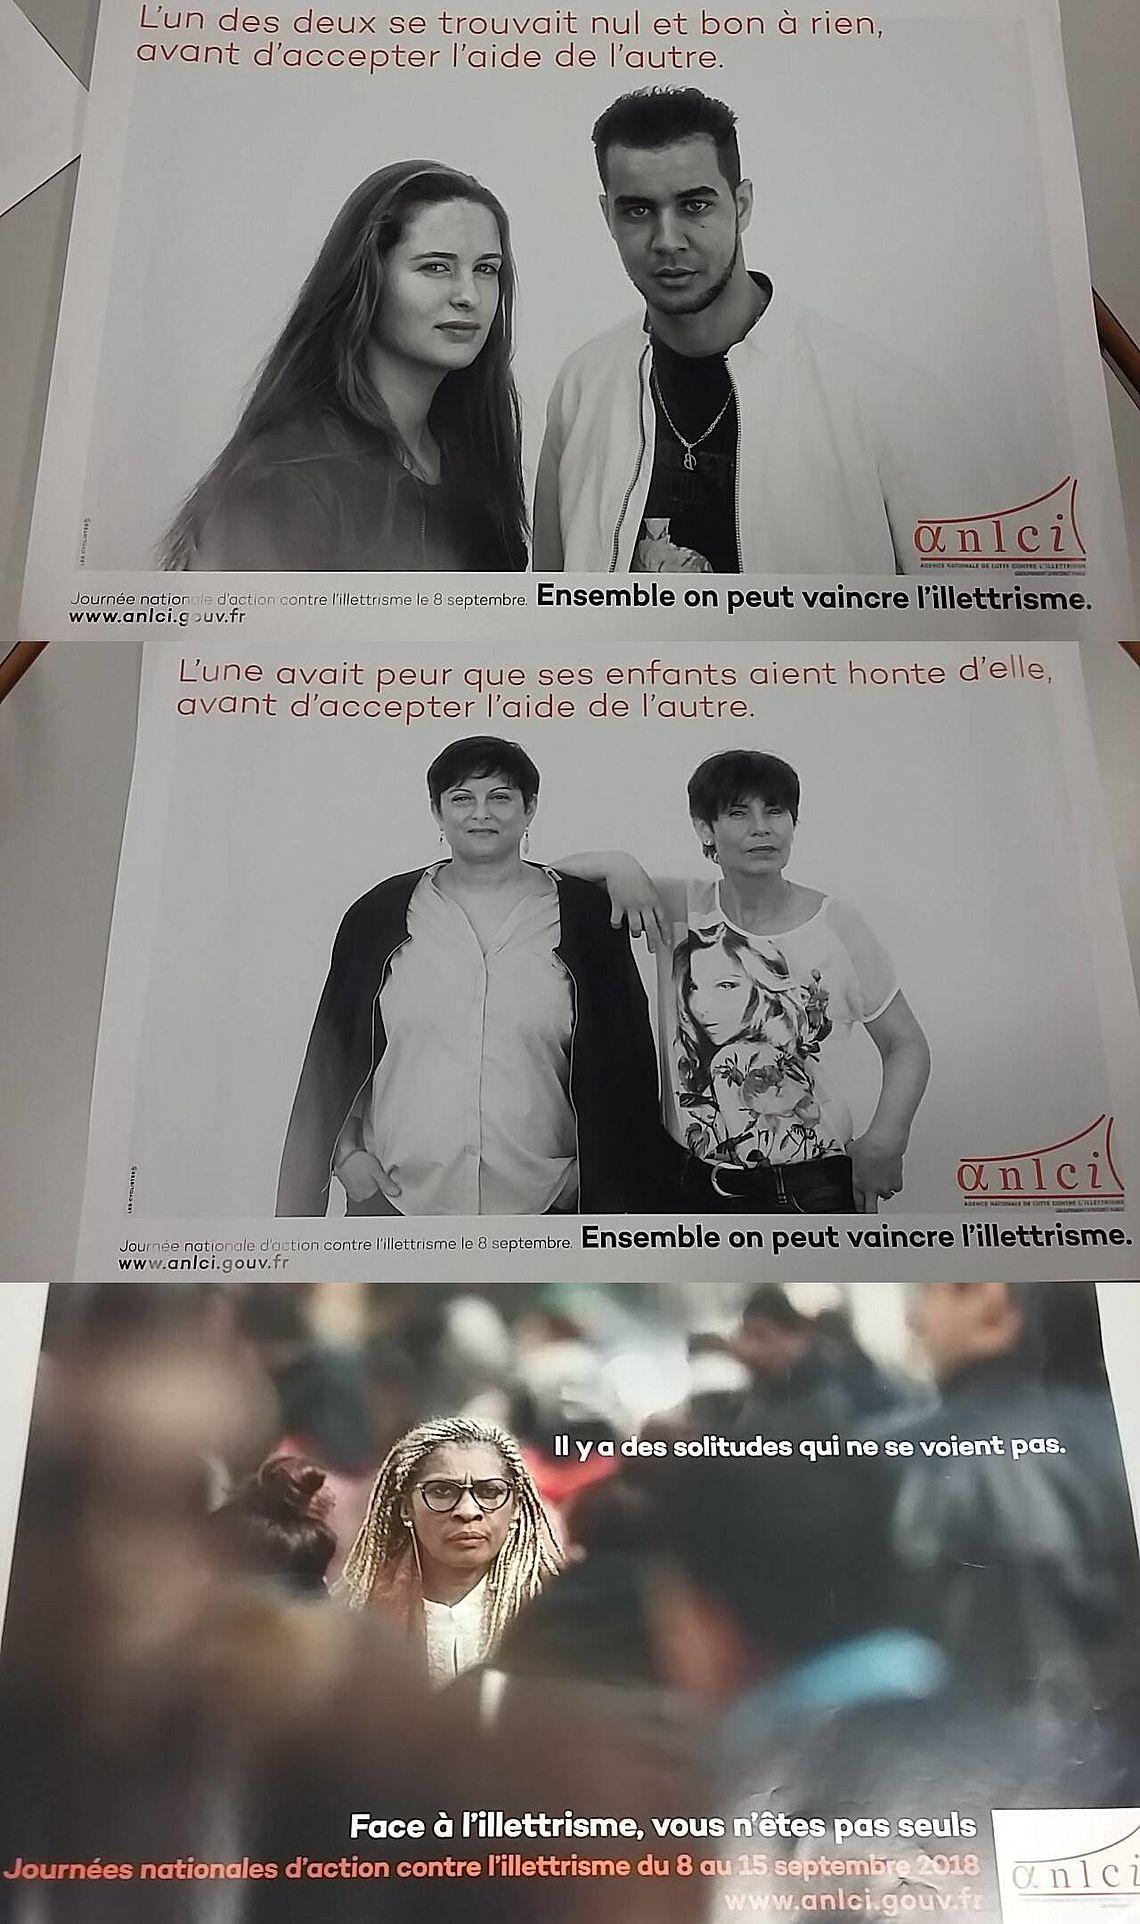 Affiches de campagne pour l'action contre l'illettrisme